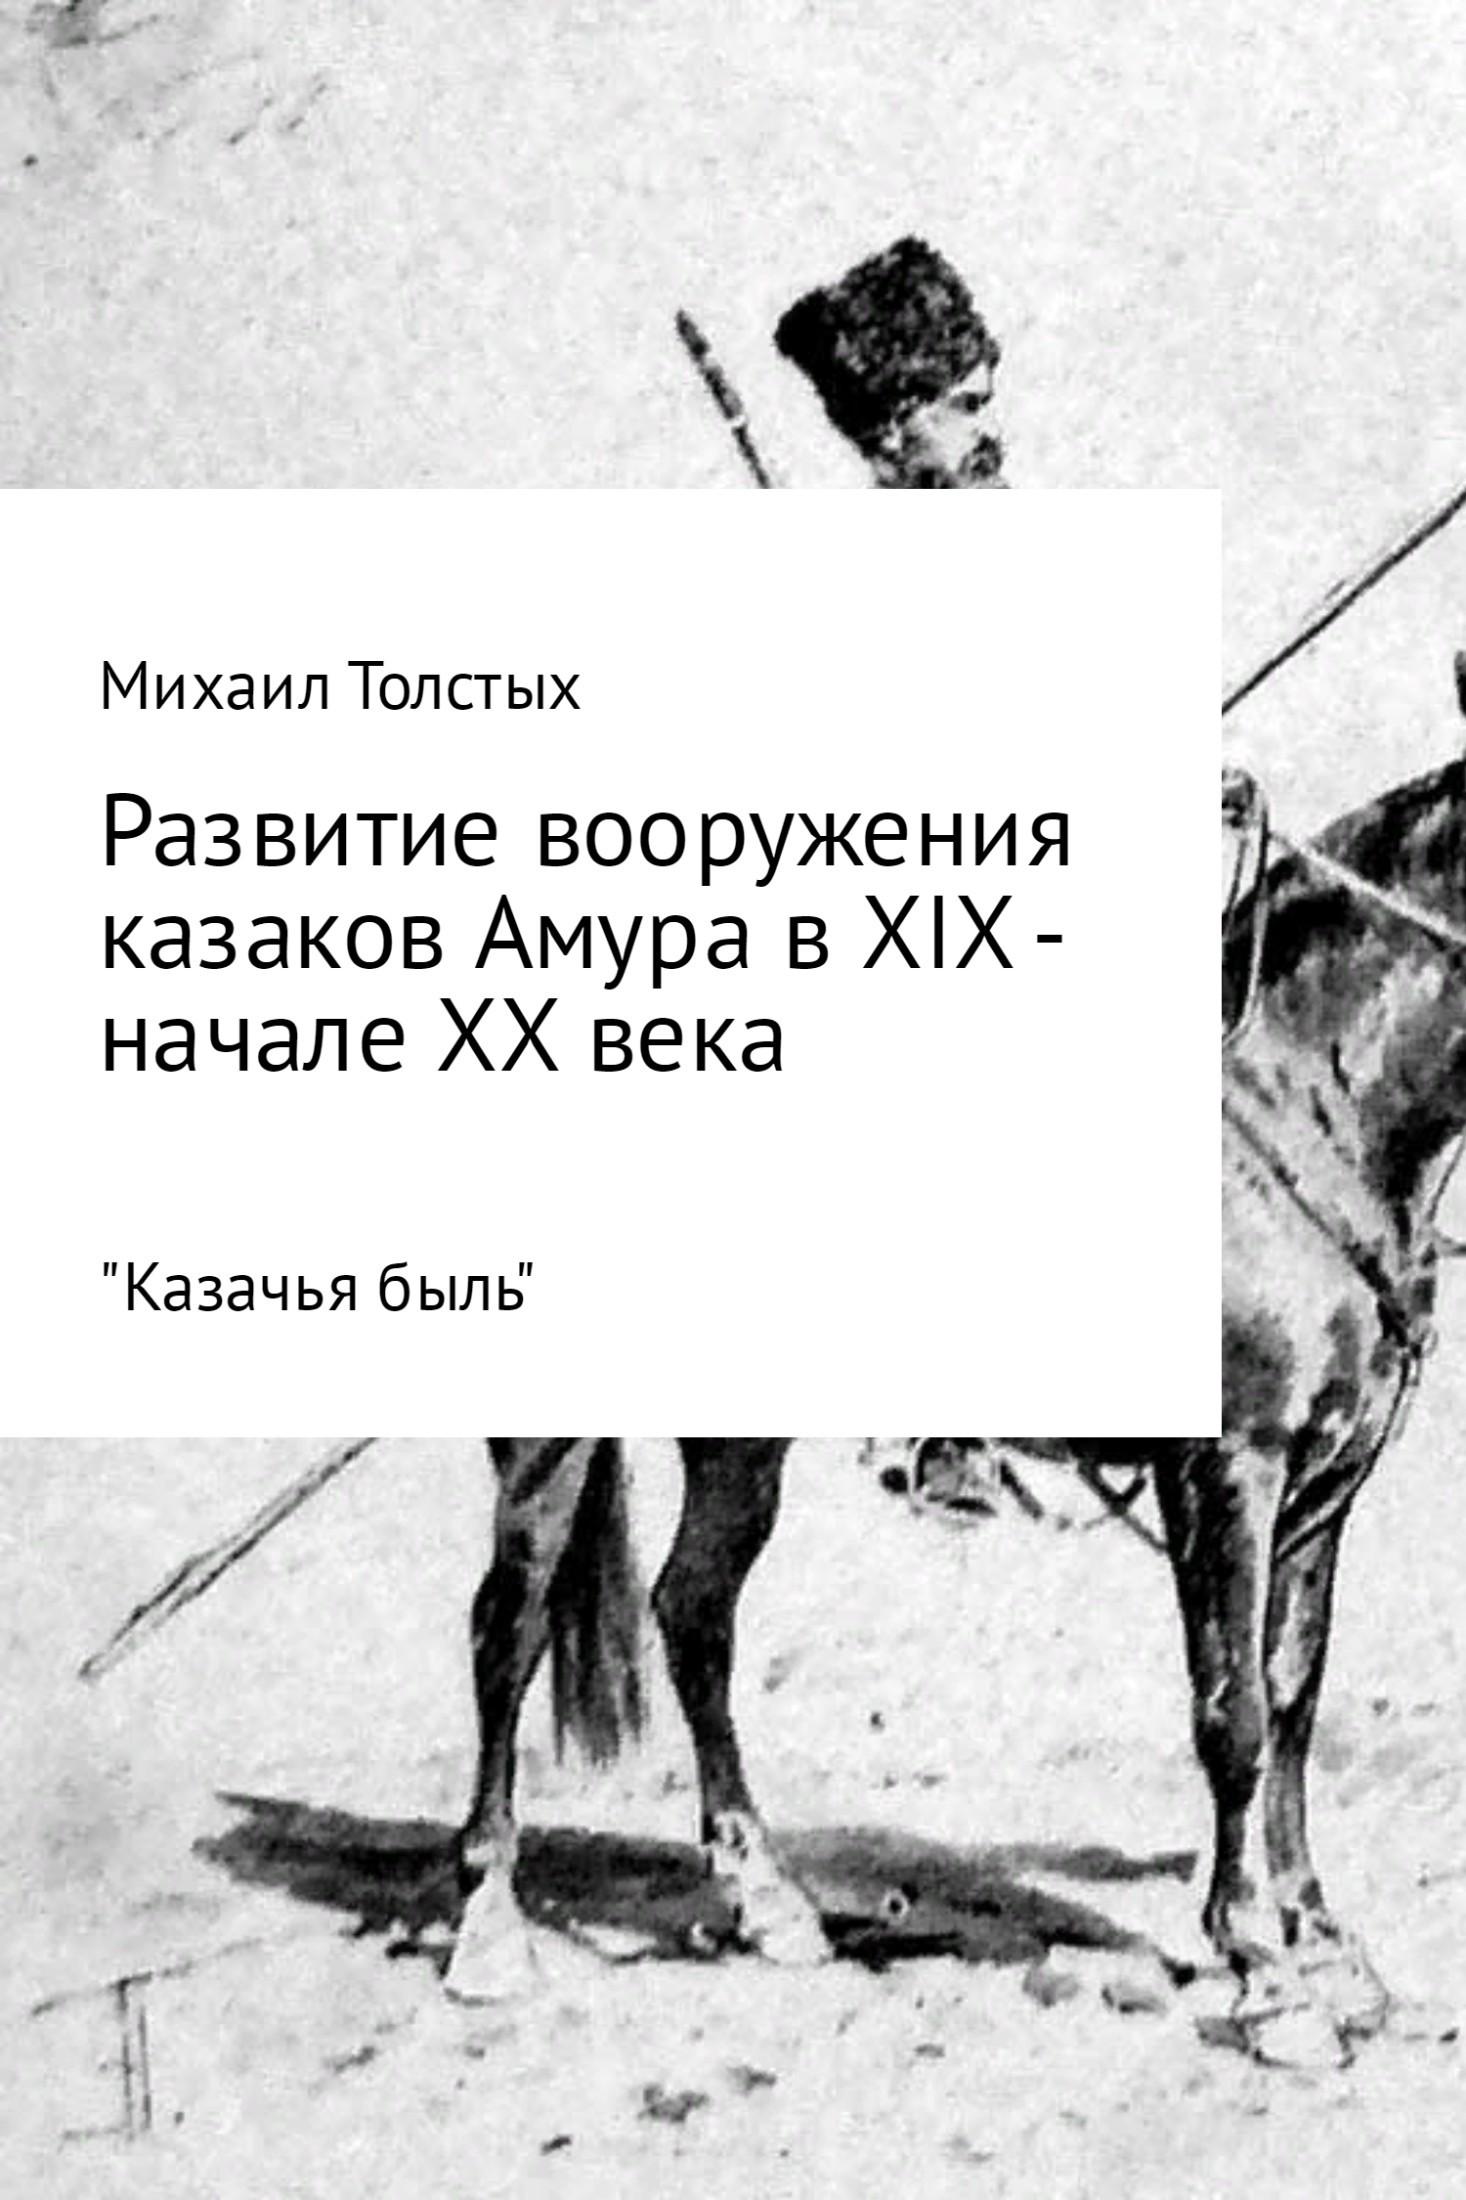 Развитие вооружения казаков Амура в XIX – начале ХХ века